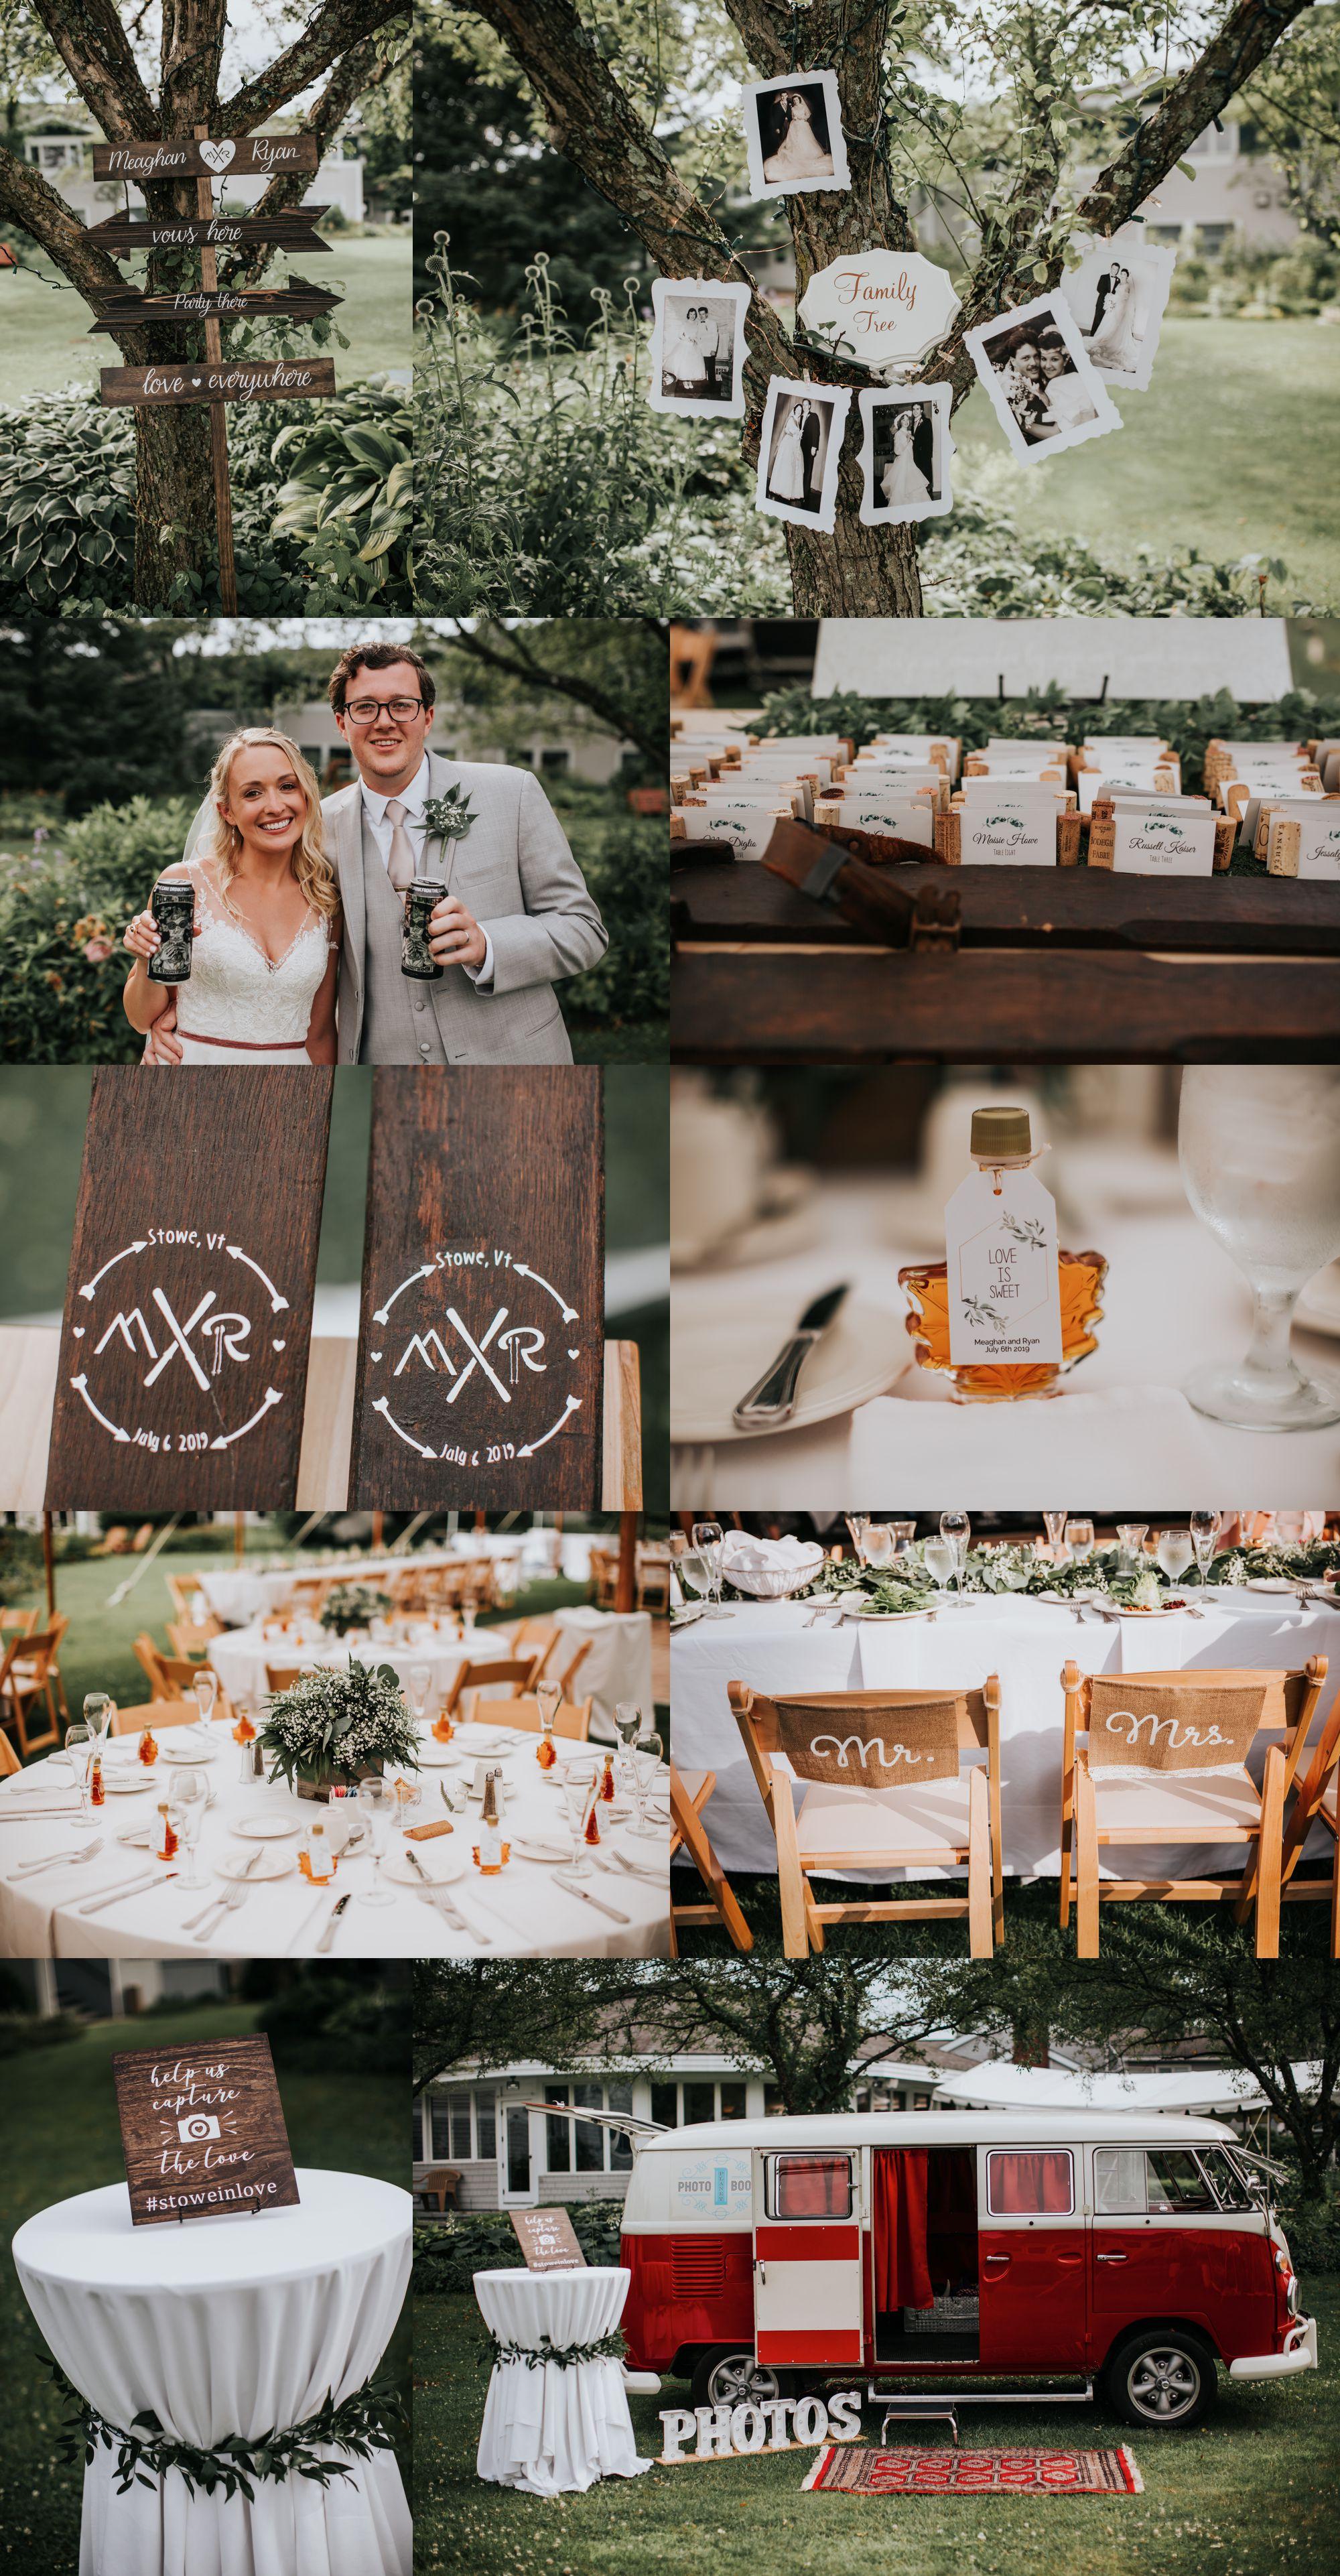 Stoweflake Bride and Groom Wedding